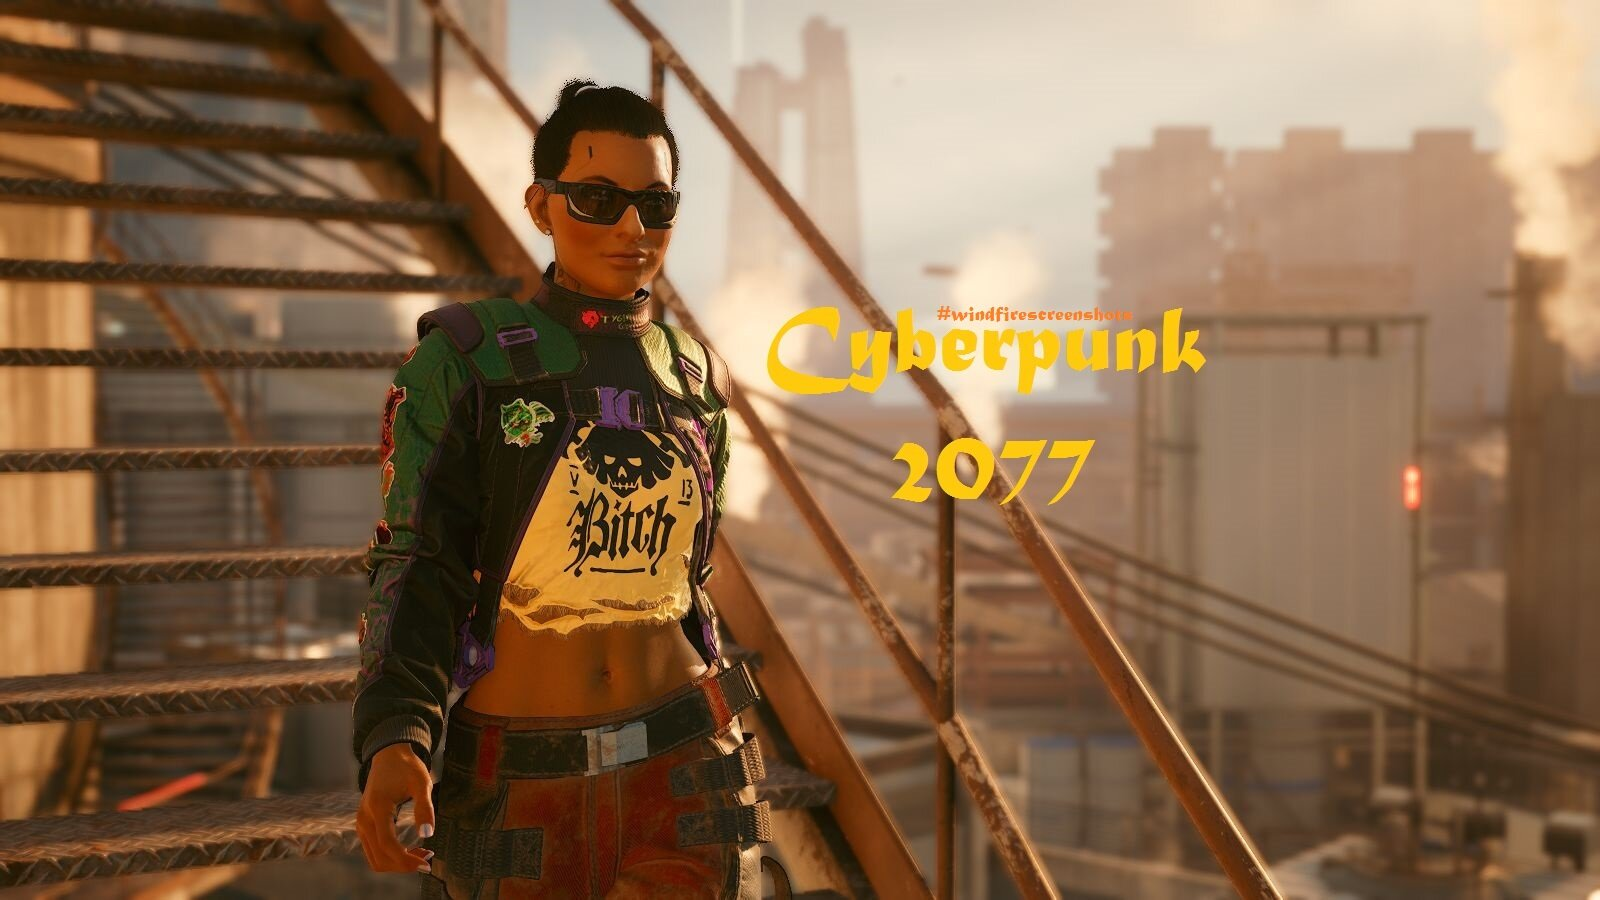 обложка-3 и МОЯ ВИ :) Cyberpunk 2077